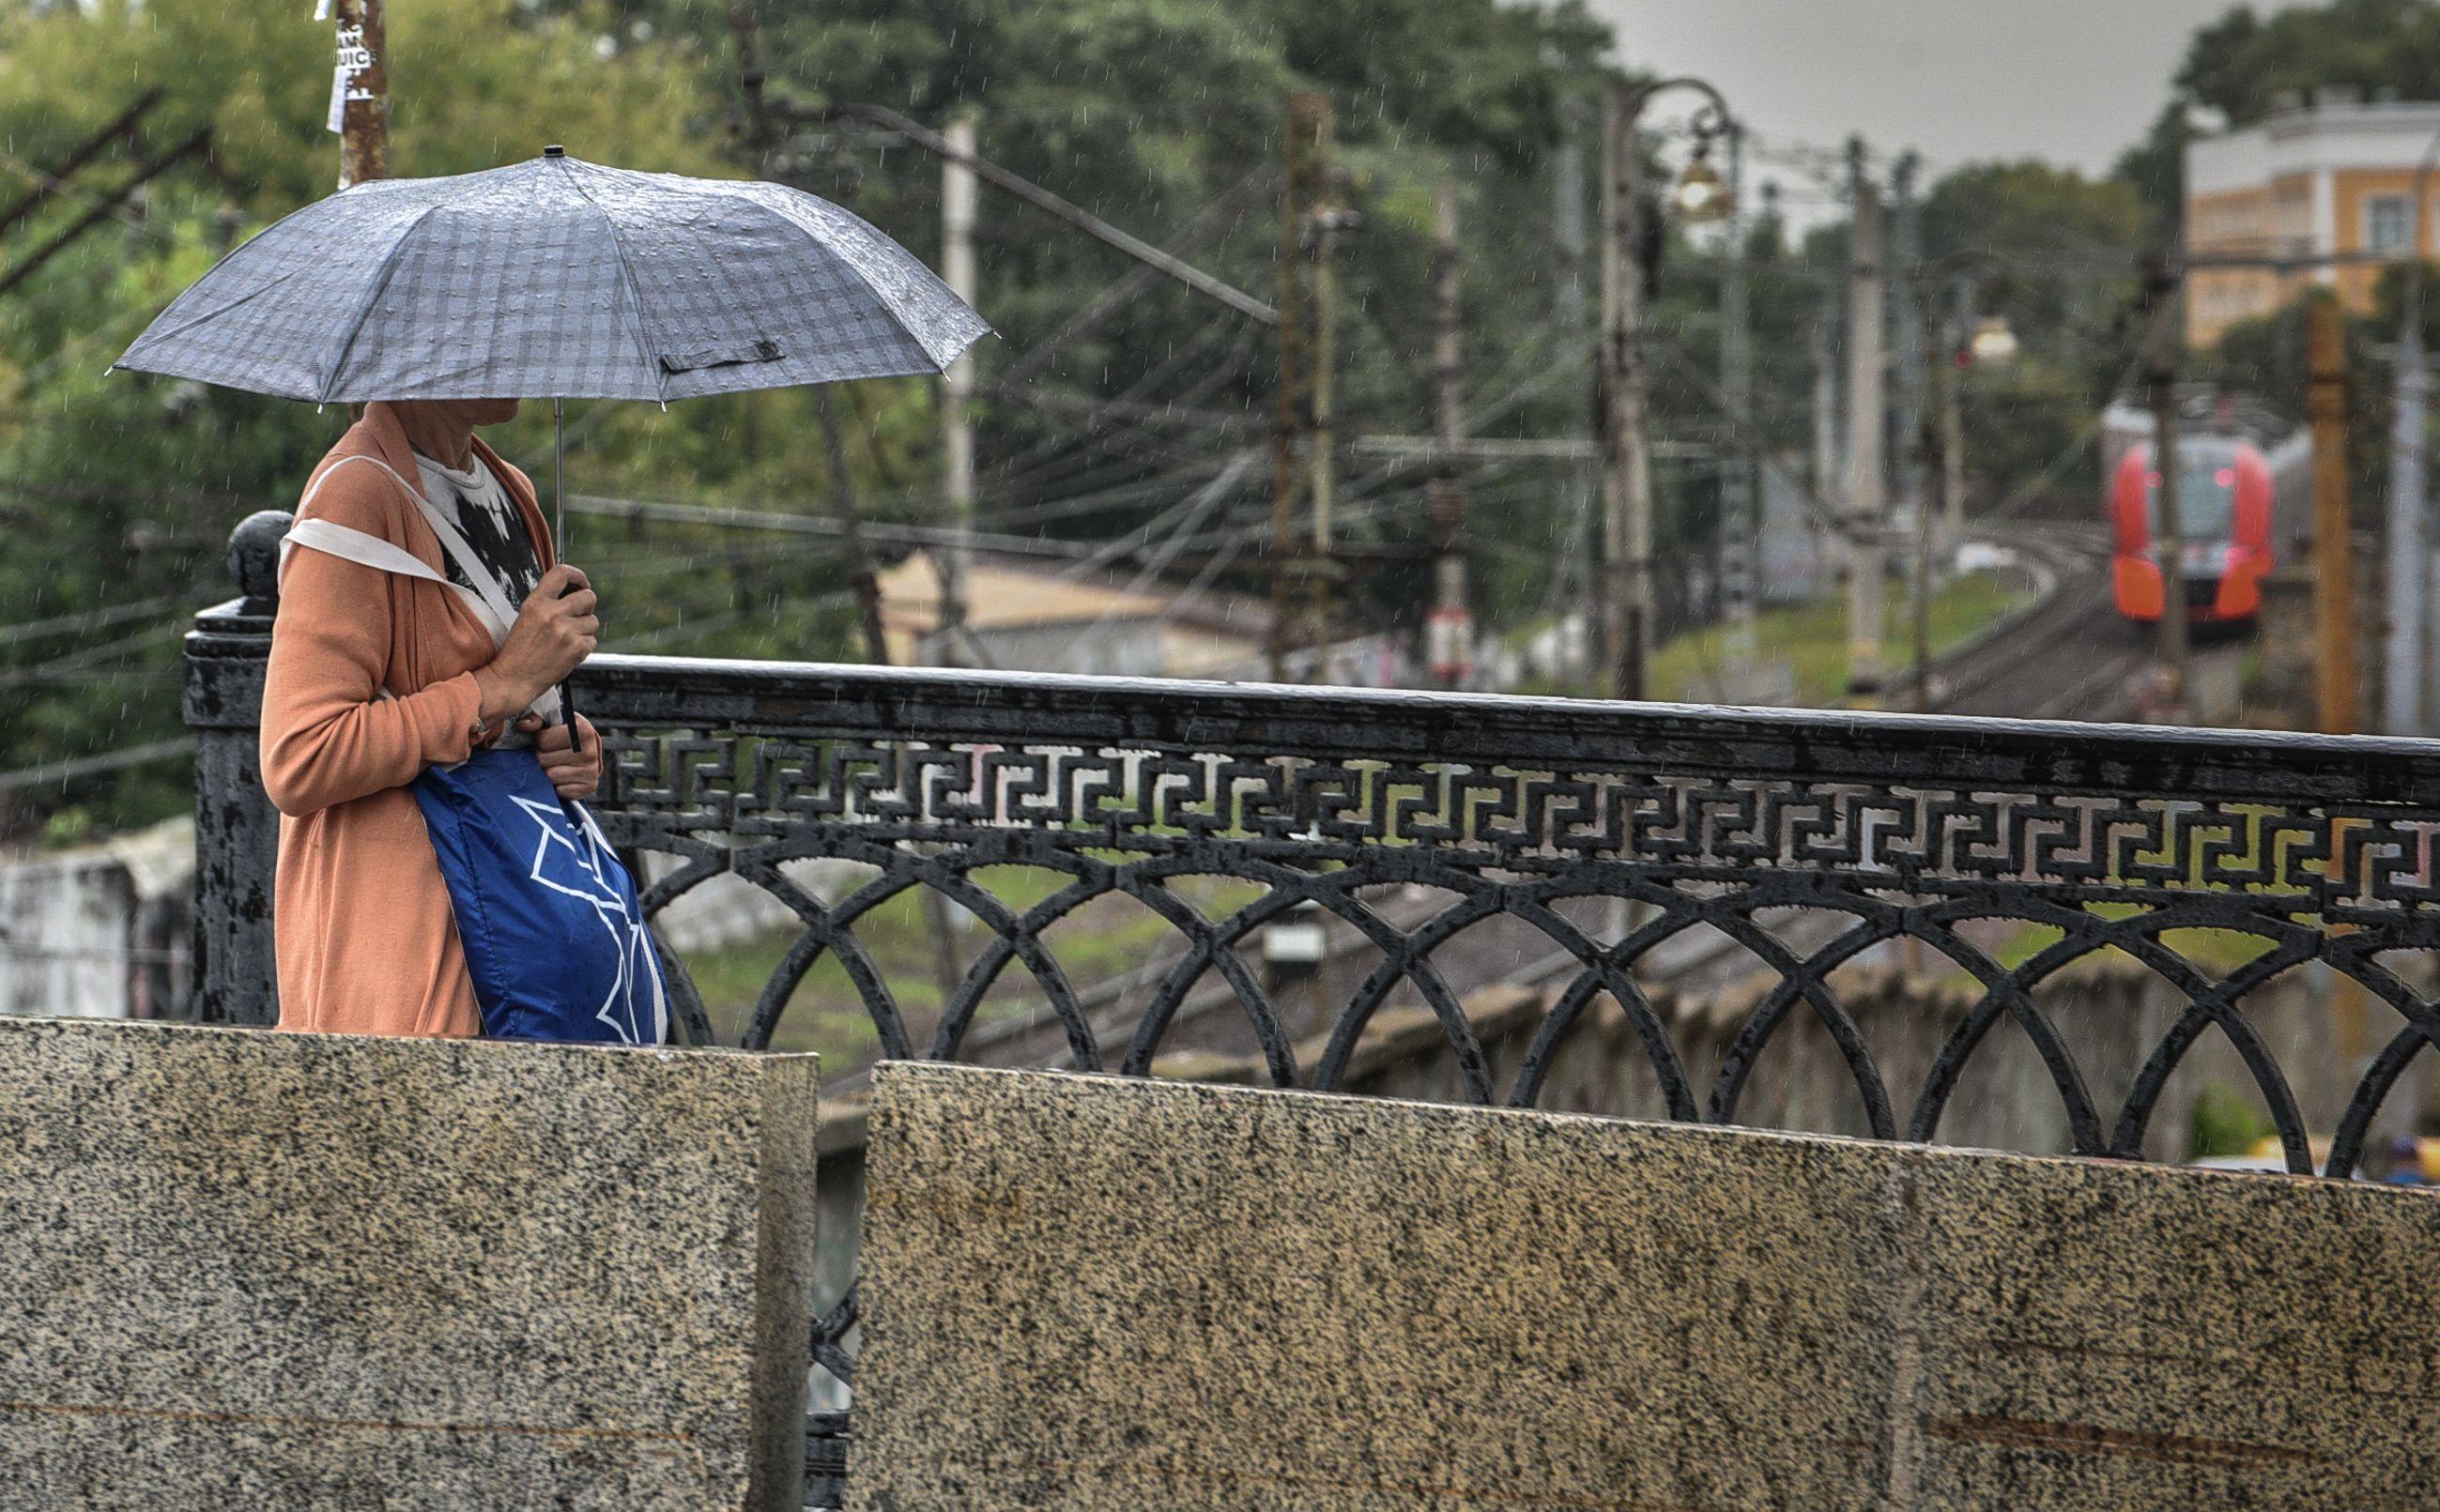 Погода на выходных в Москве будет дождливой